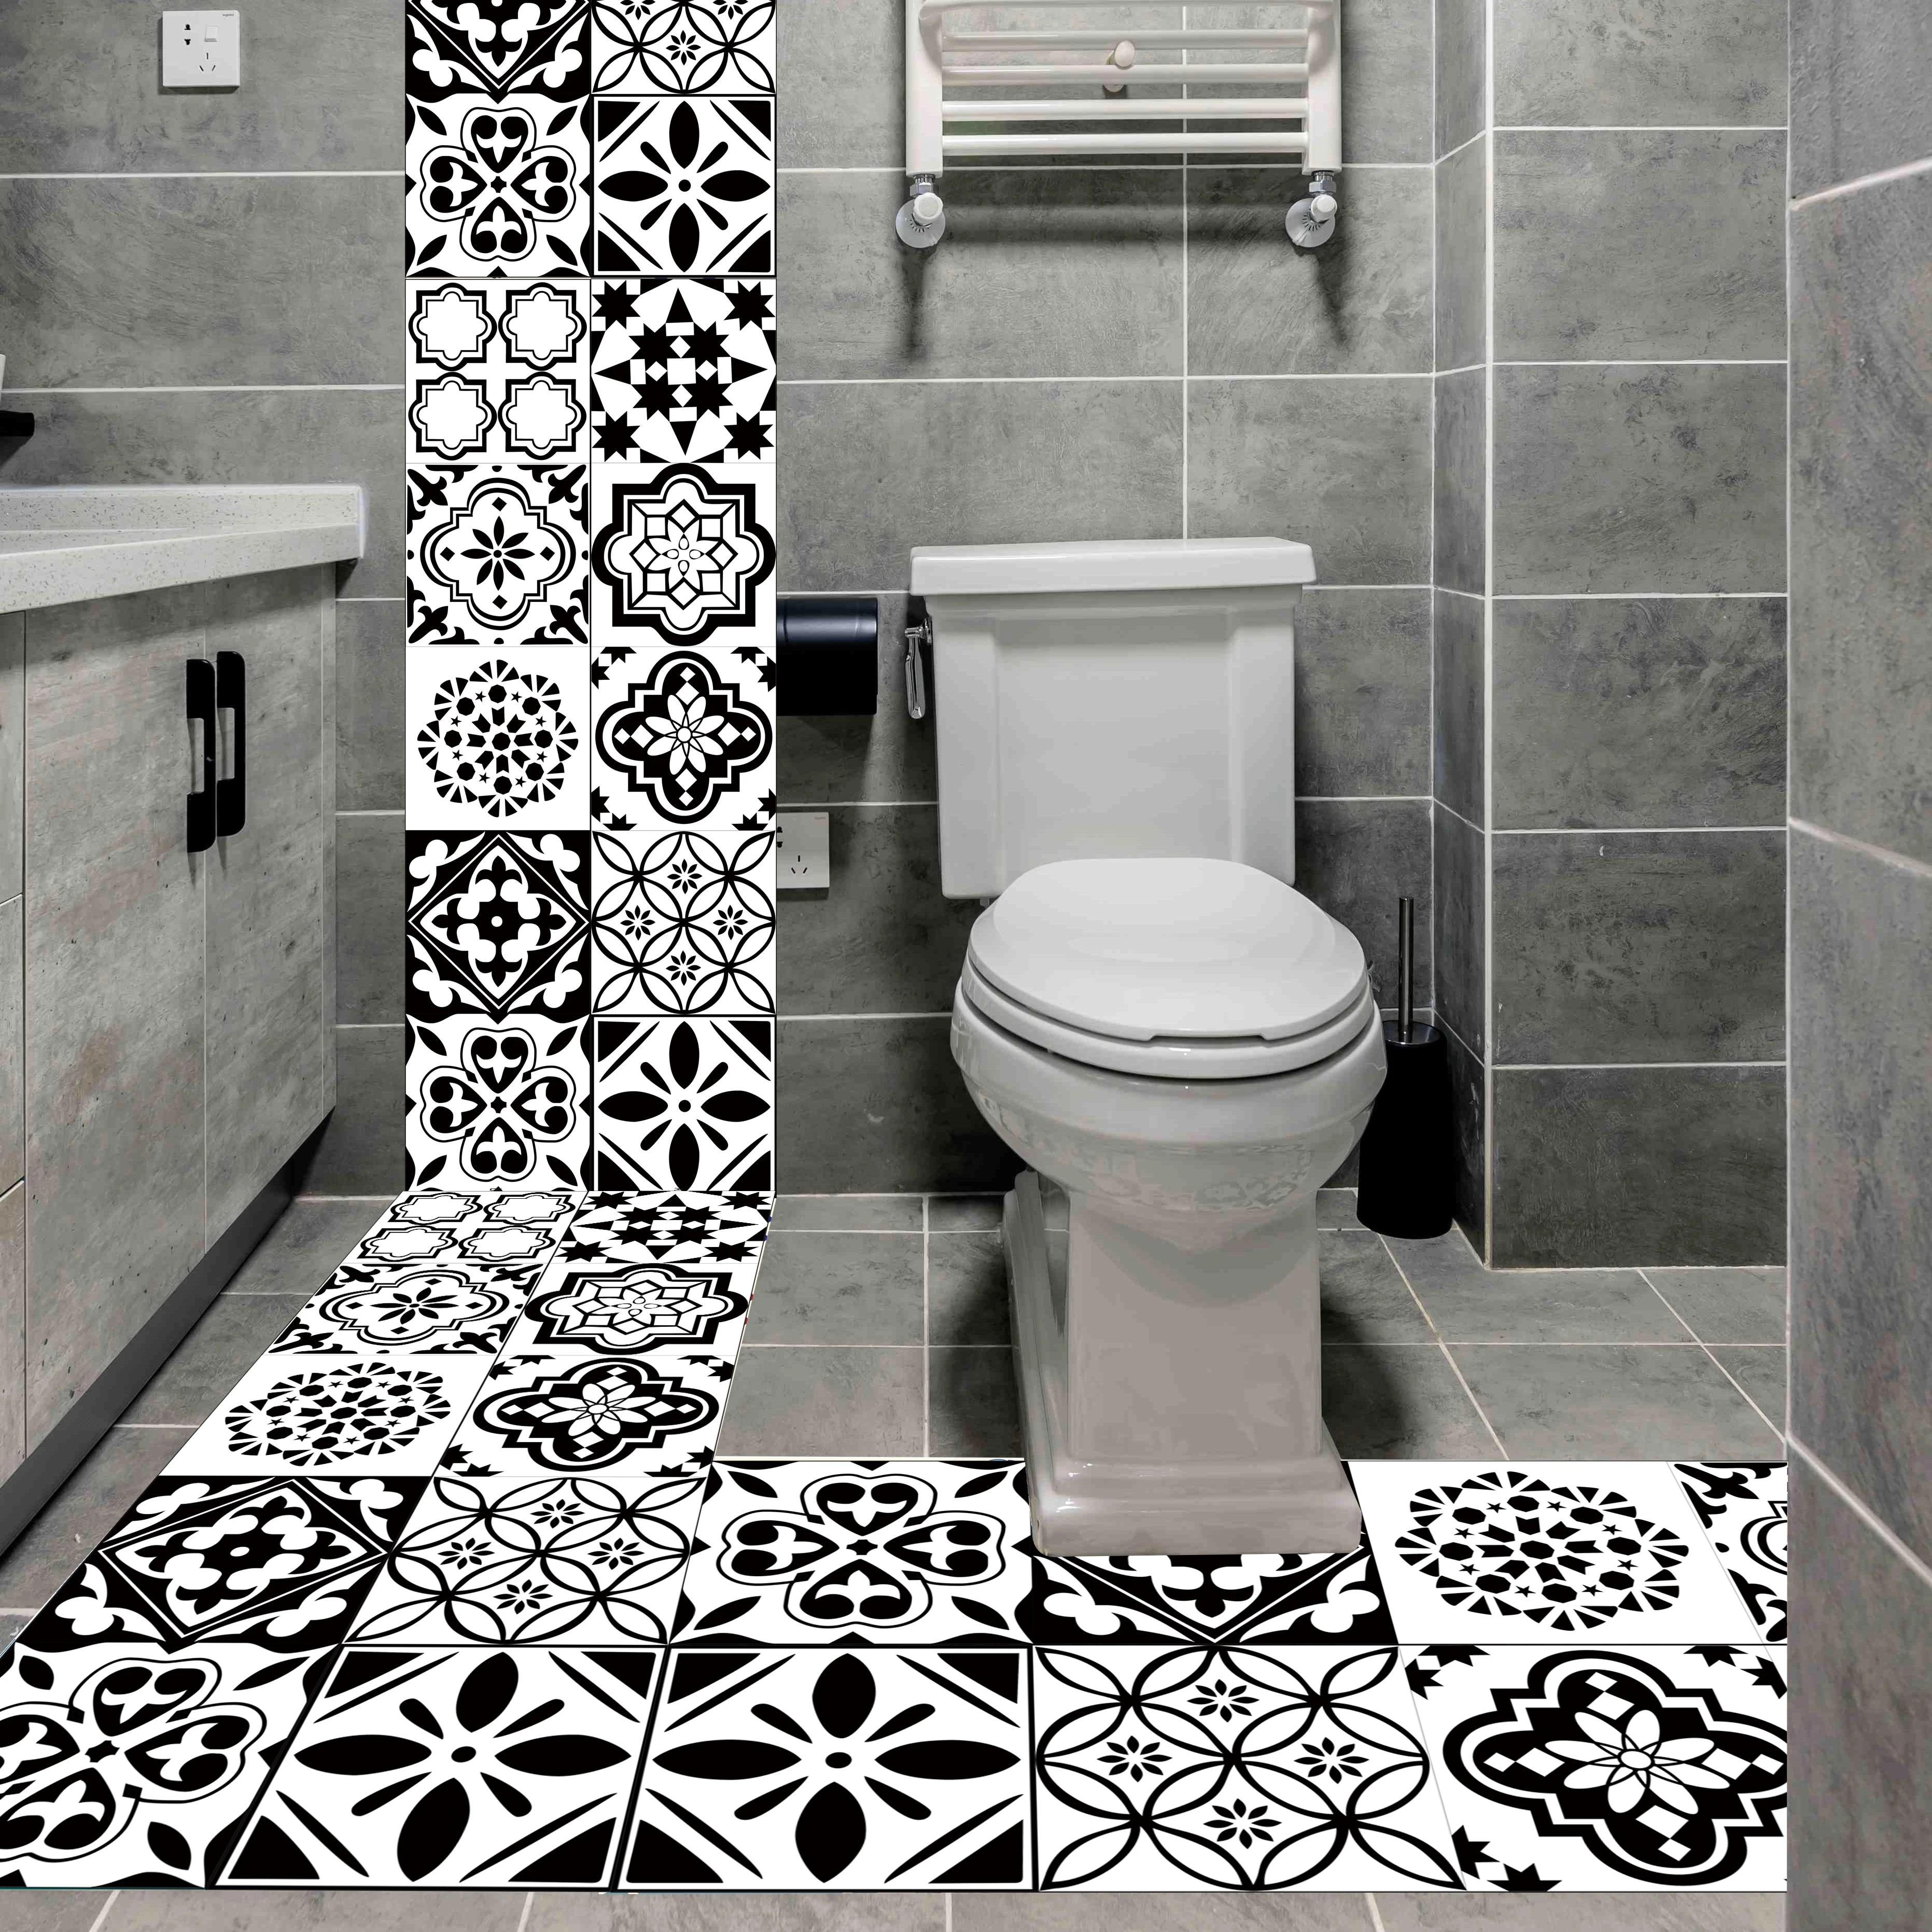 autocollant carrelage retro noir et blanc autocollant mural impermeable en pvc de style nordique pour la cuisine la salle de bain decor a la